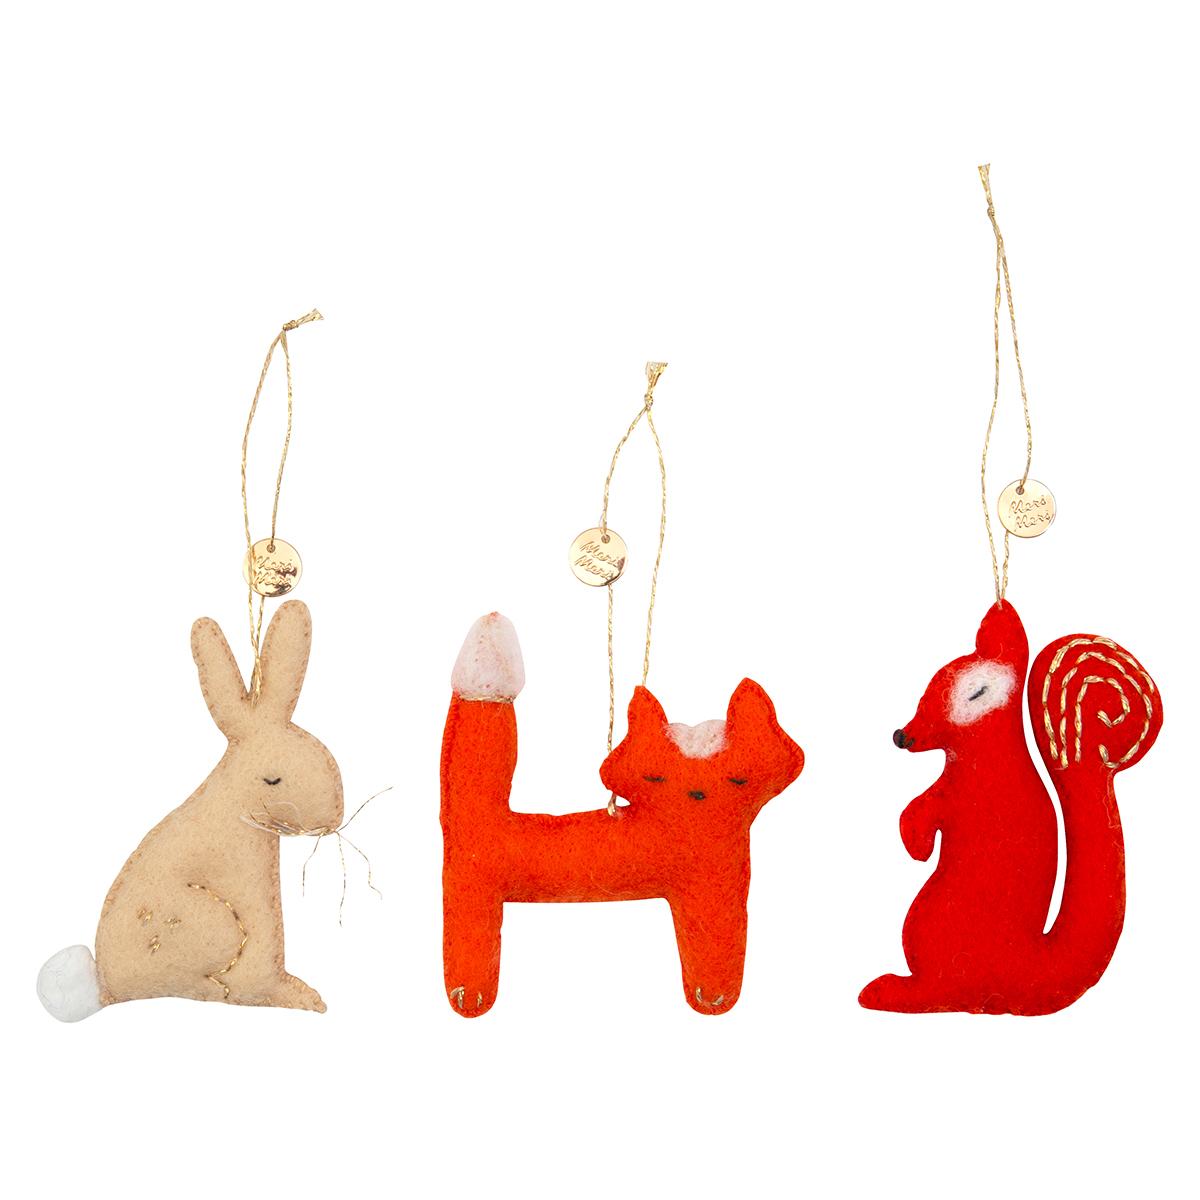 Objet décoration Lot de 3 Déco de Noël - Animaux de la Forêt